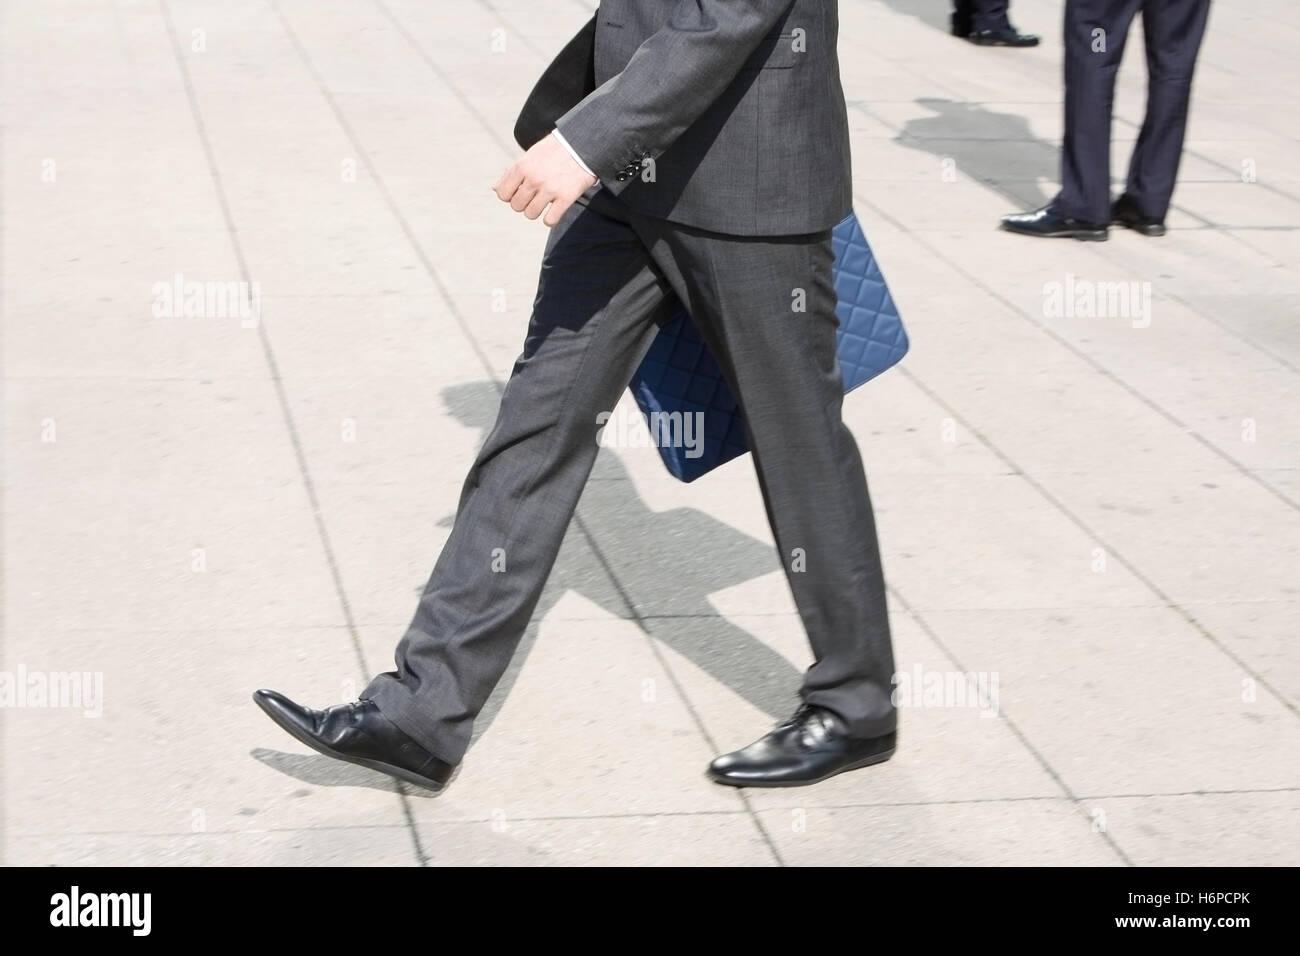 Beine Fuß gehen Sie gehen zu Fuß Männer Mann Schuhe Pflaster ...